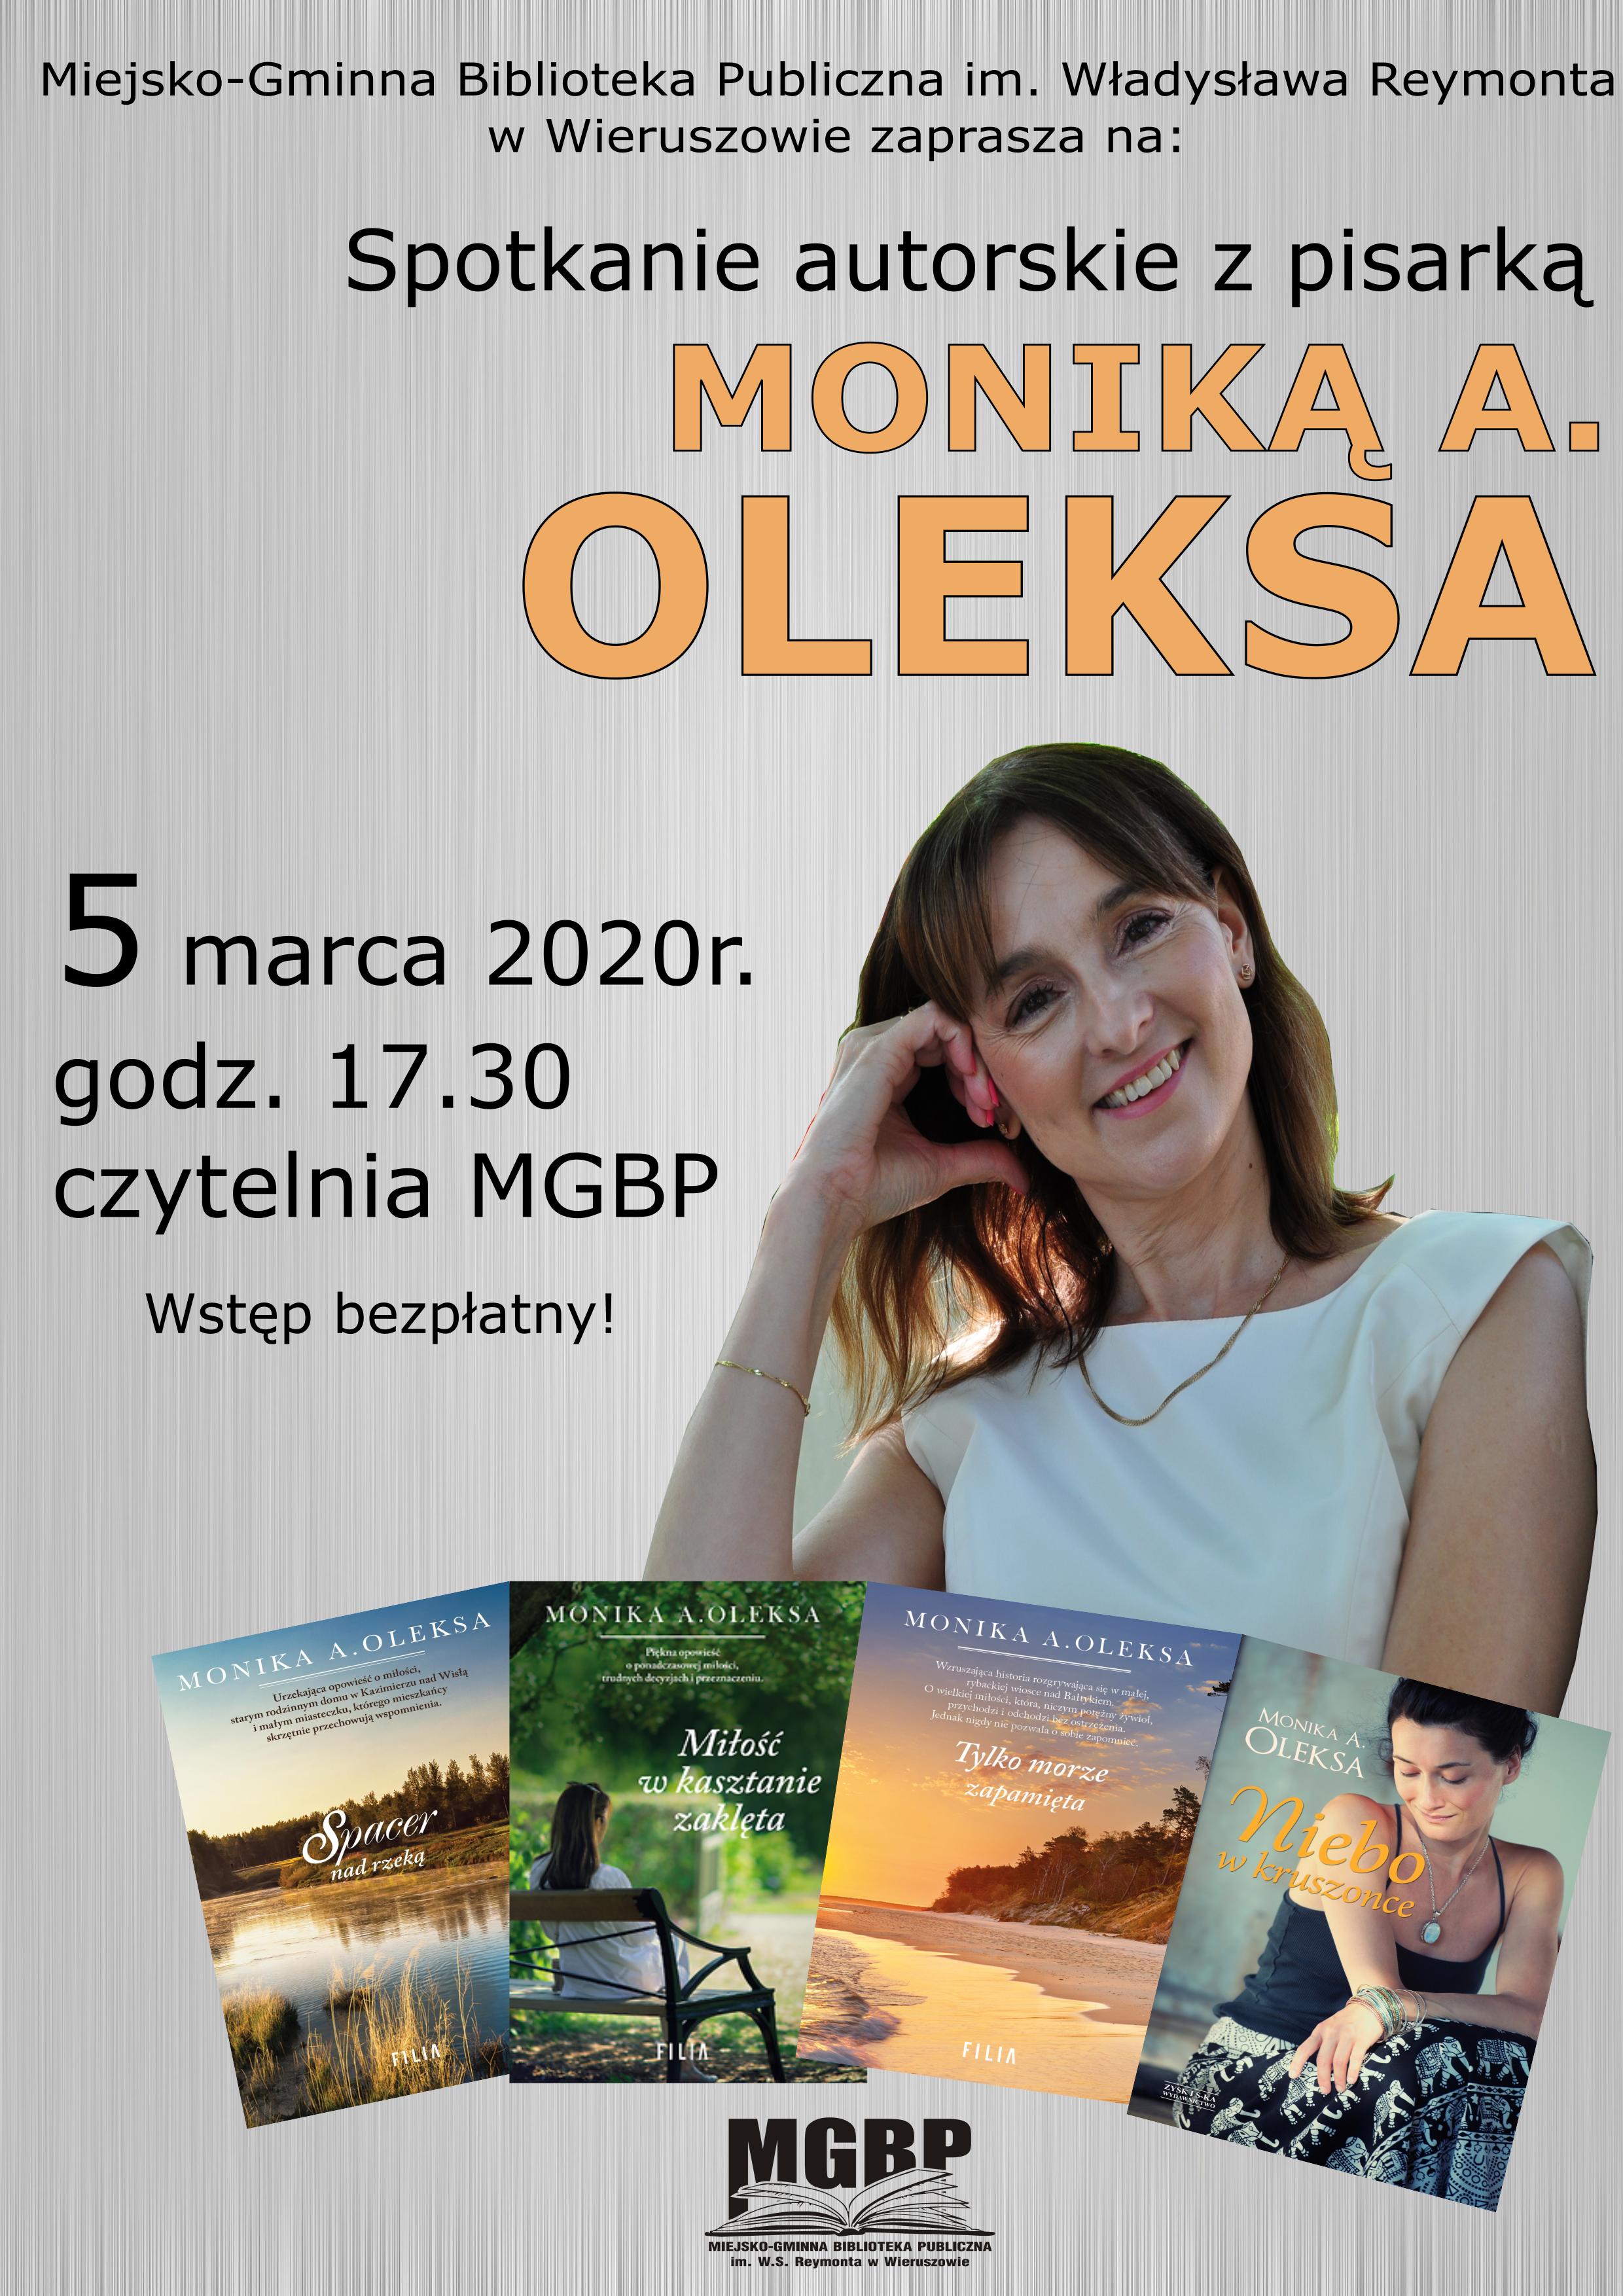 Spotkanie autorskie zMoniką A. Oleksa – zapraszamy!